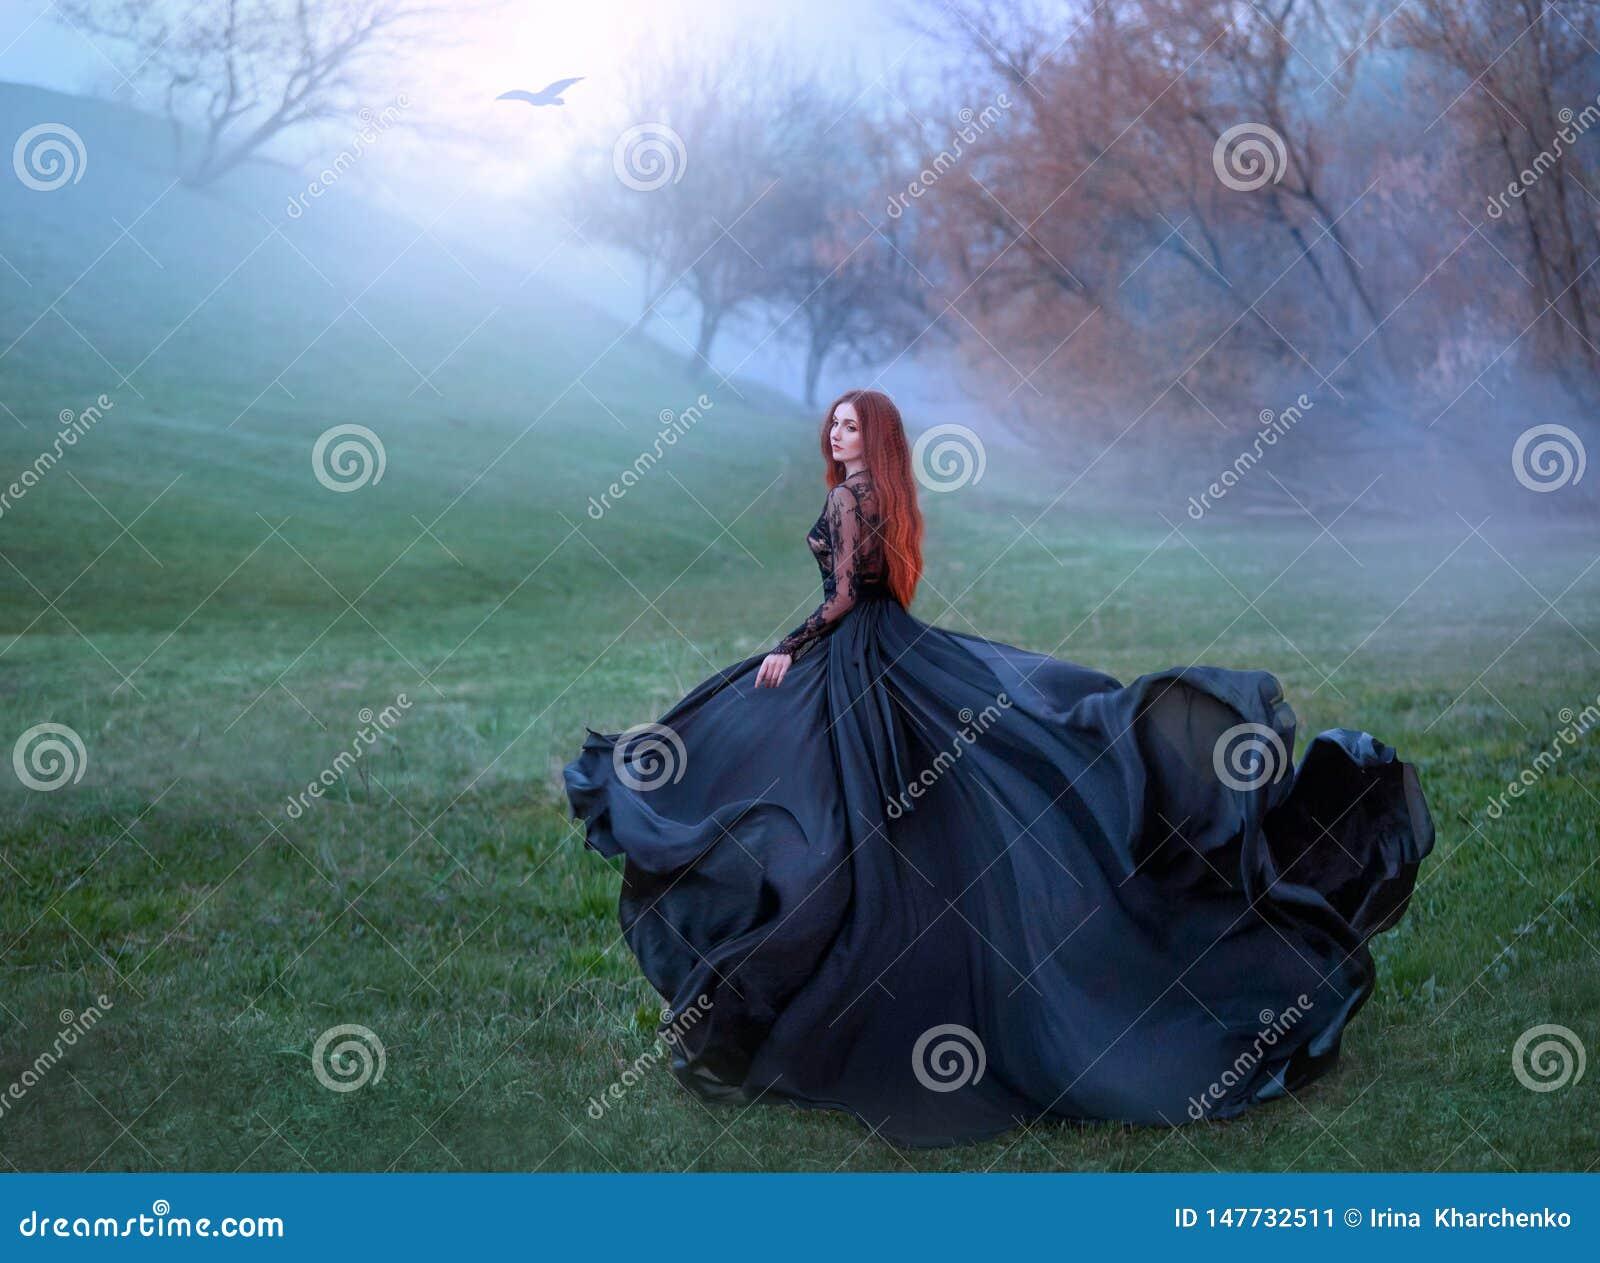 Μυστήριο κορίτσι με τα κόκκινα τρεξίματα τρίχας από το δάσος στο πανέμορφο βασιλικό φόρεμα δαντελλών με το πετώντας ελαφρύ μακρύ